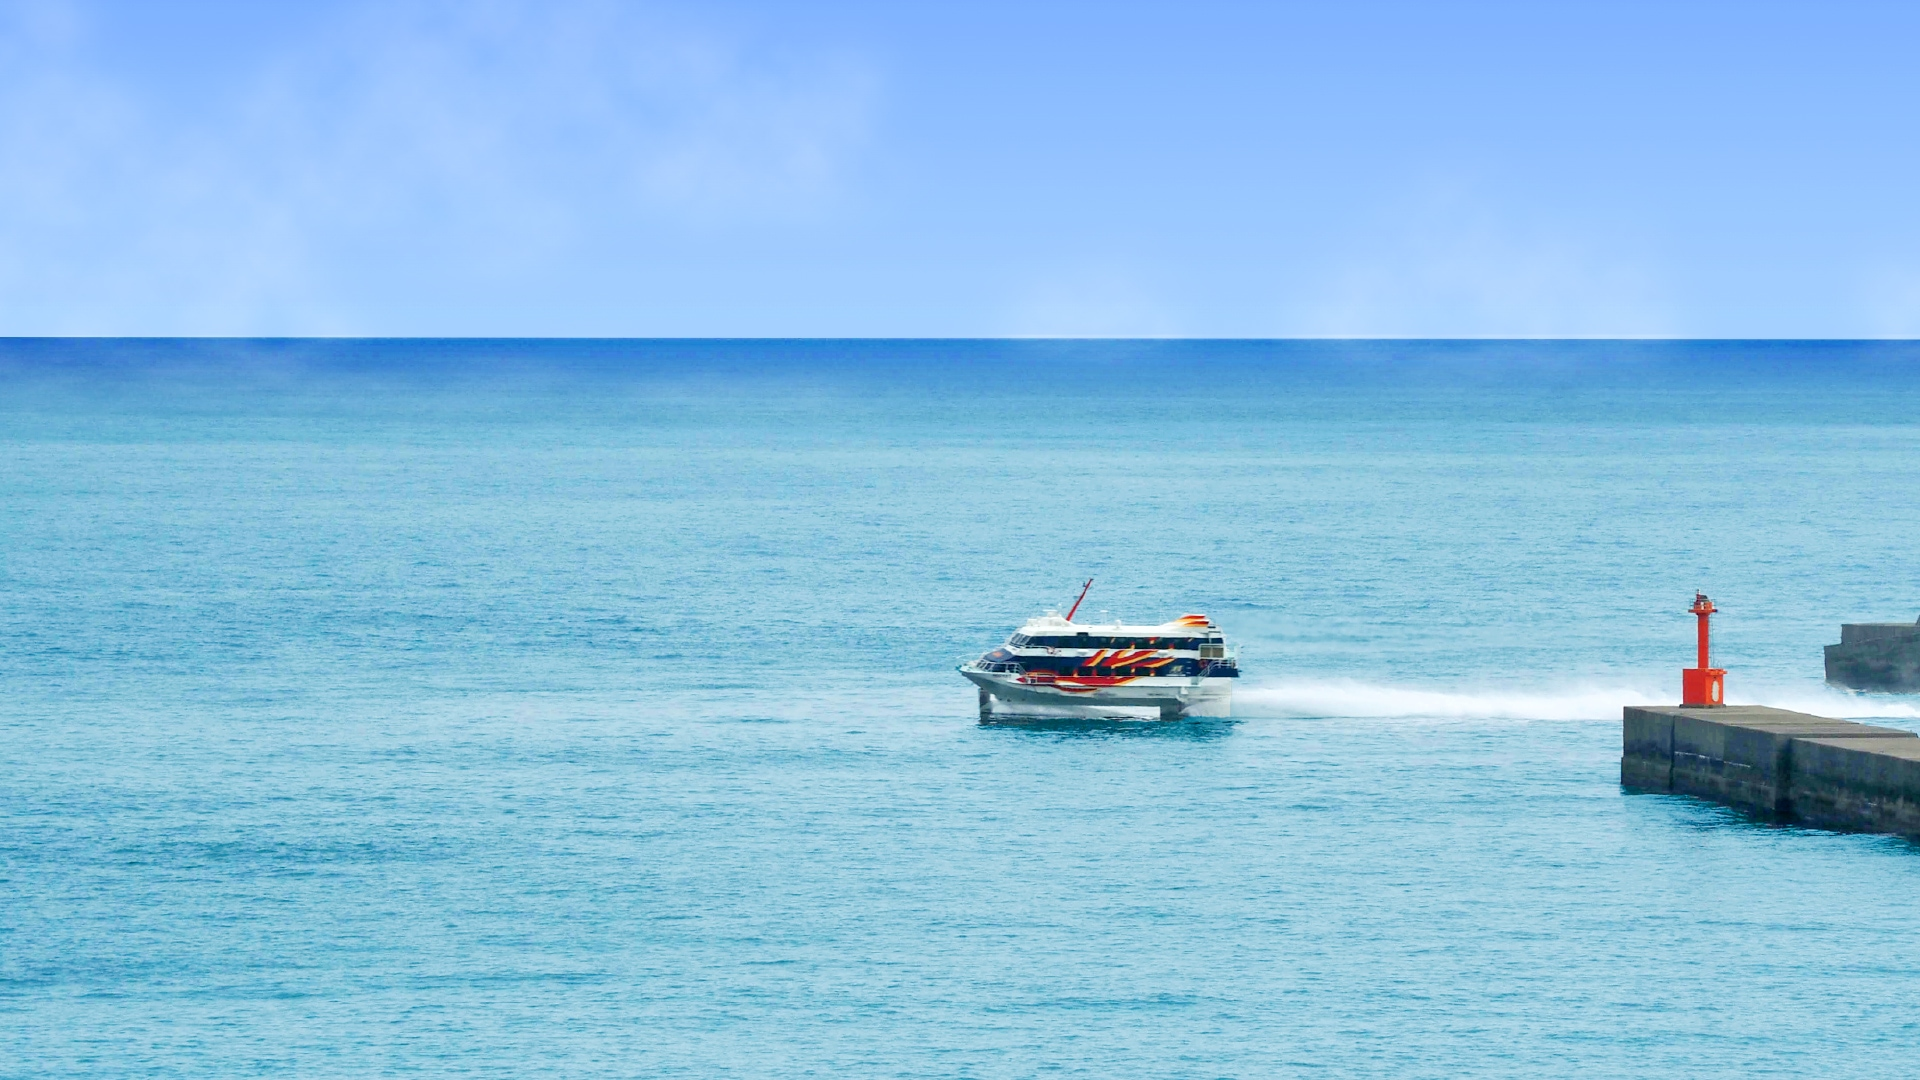 太平洋の大海原を望む眼前に広がるオーシャンビュー